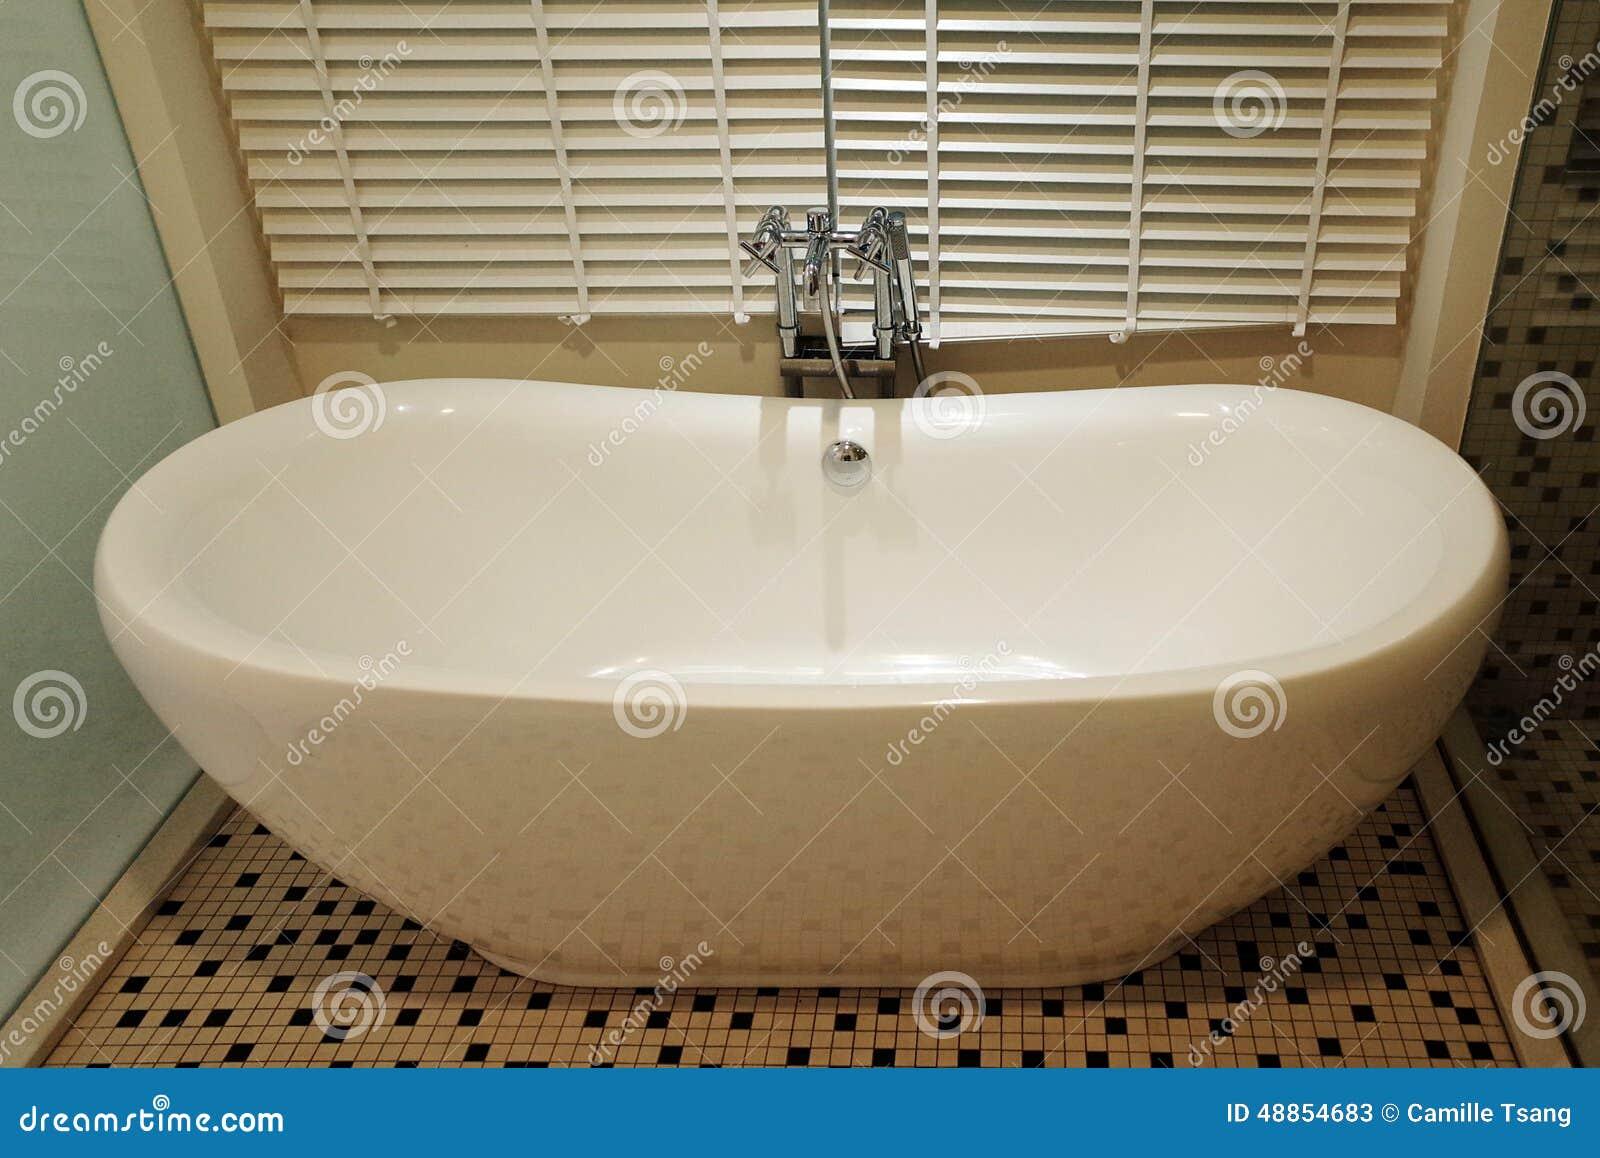 Vasca Da Bagno Disegno : Vasca da bagno bianca immagine stock immagine di disegno